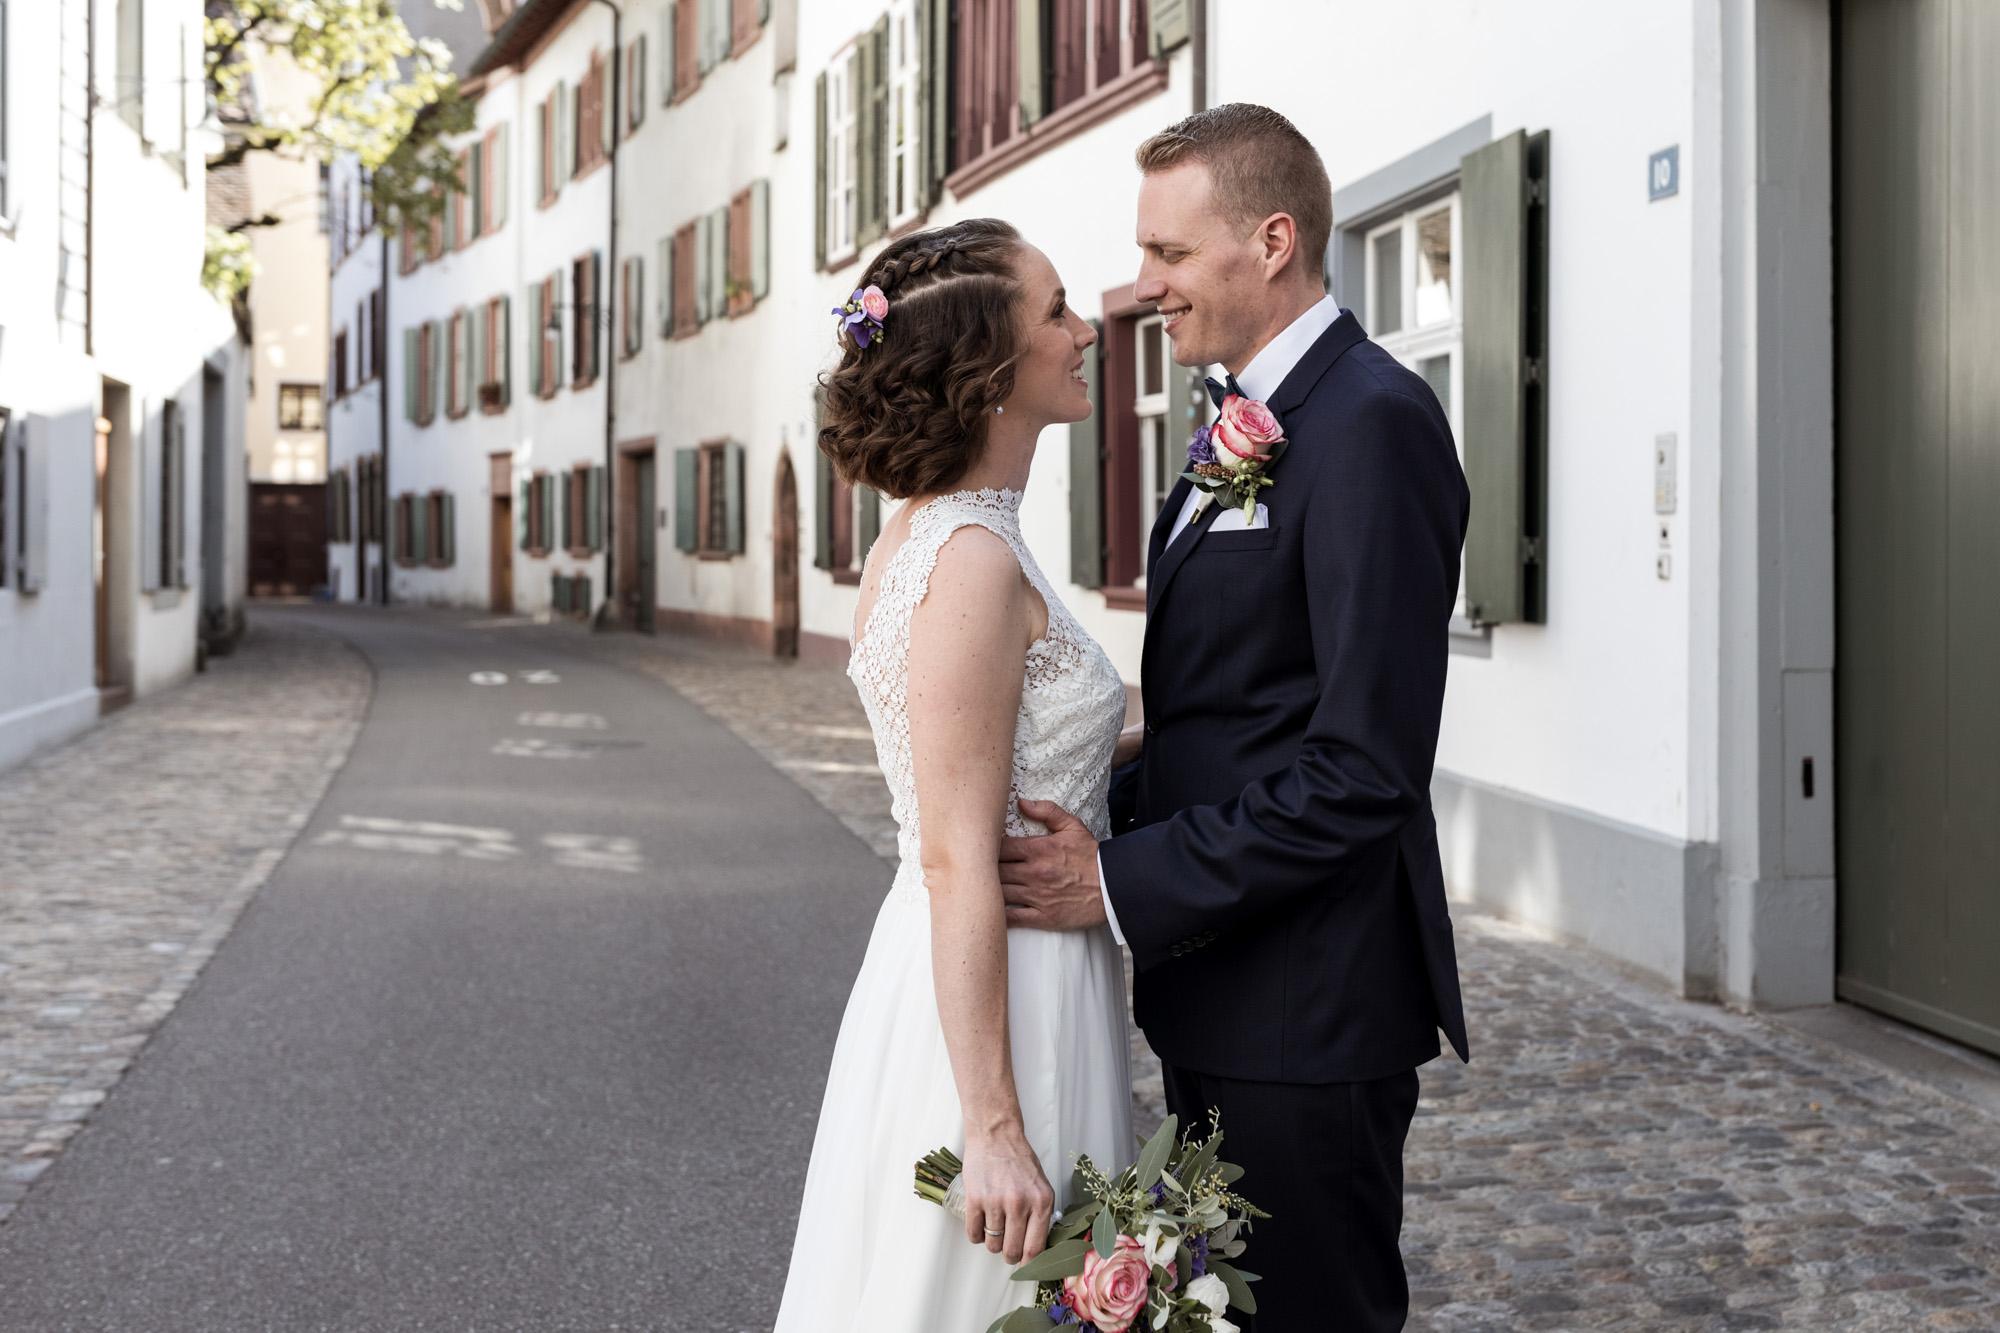 Brautpaar Fotoshooting in der schönen Altstadt von Basel - Hochzeitsfotografen